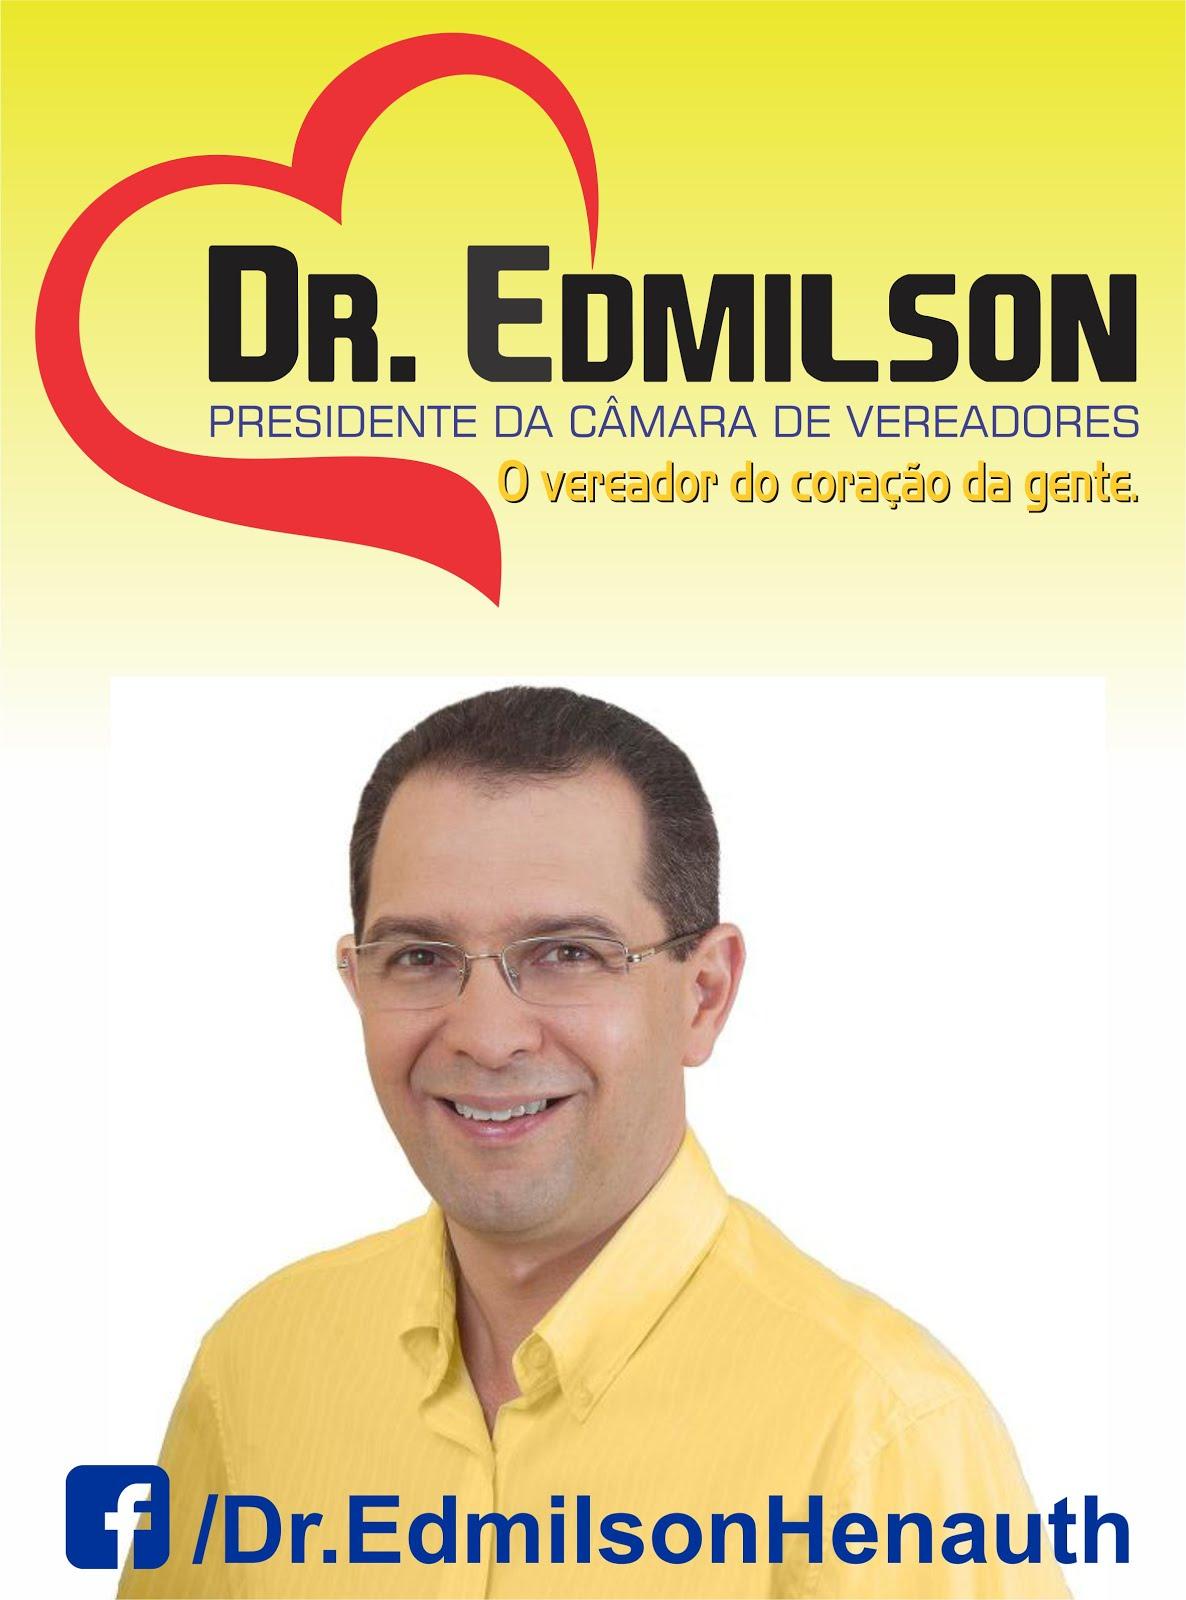 Publicidade - Vereador Dr. Edmilson Henauth